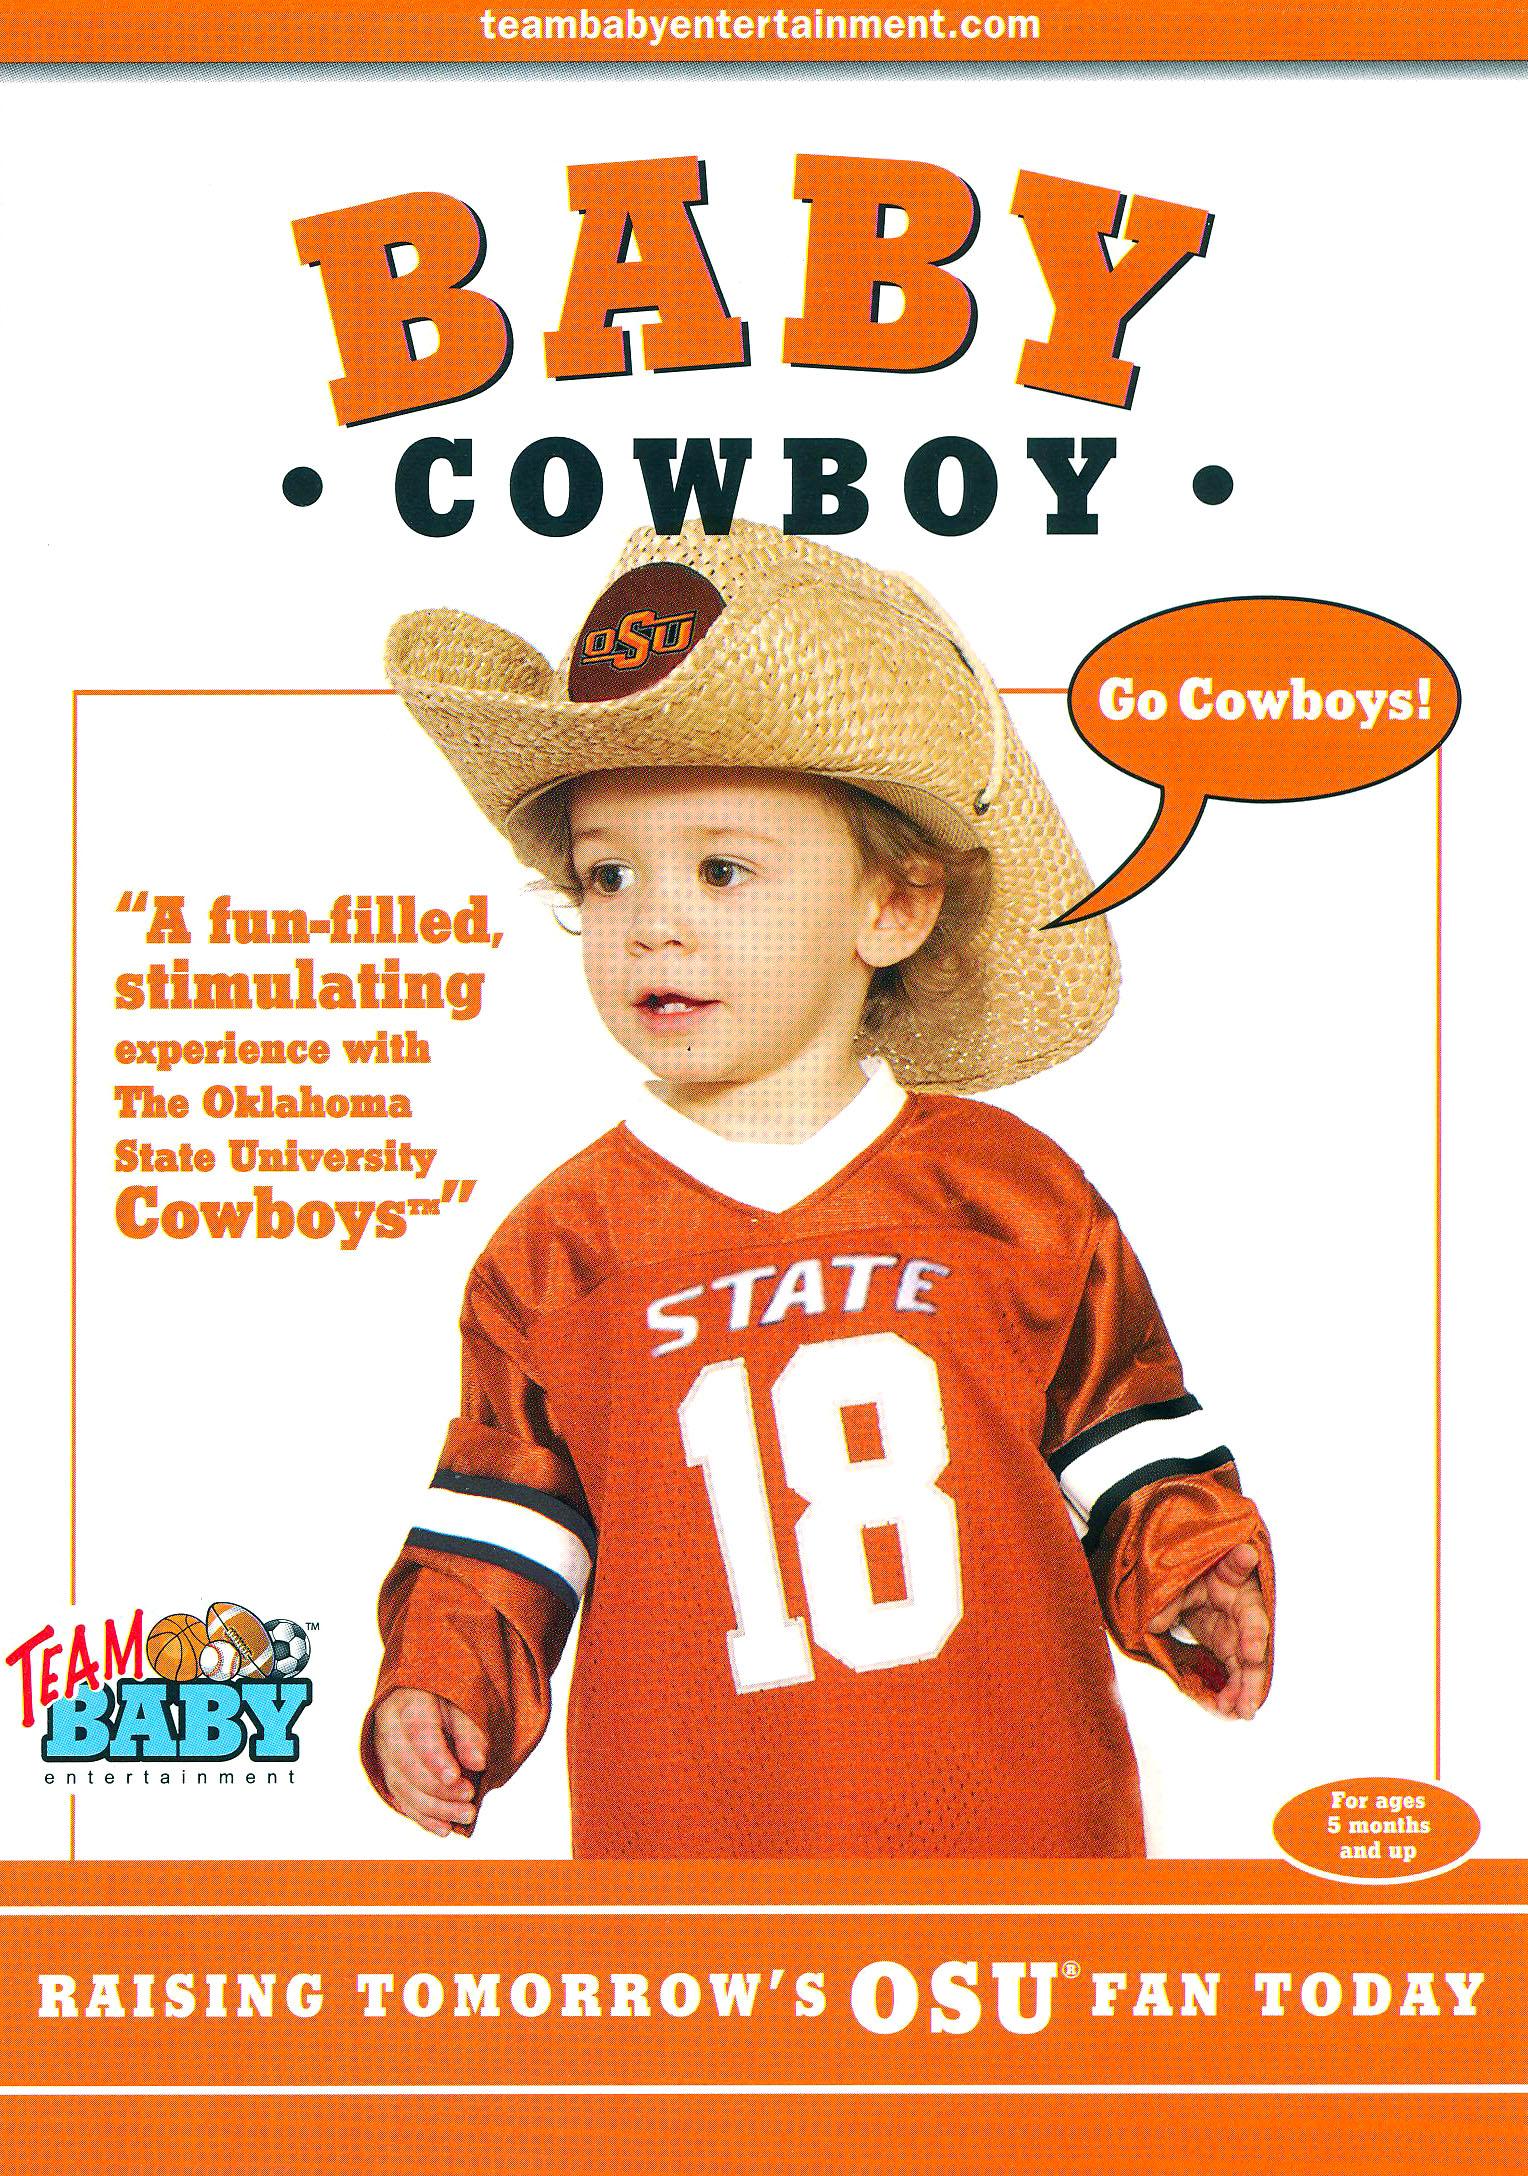 Team Baby: Baby Cowboy